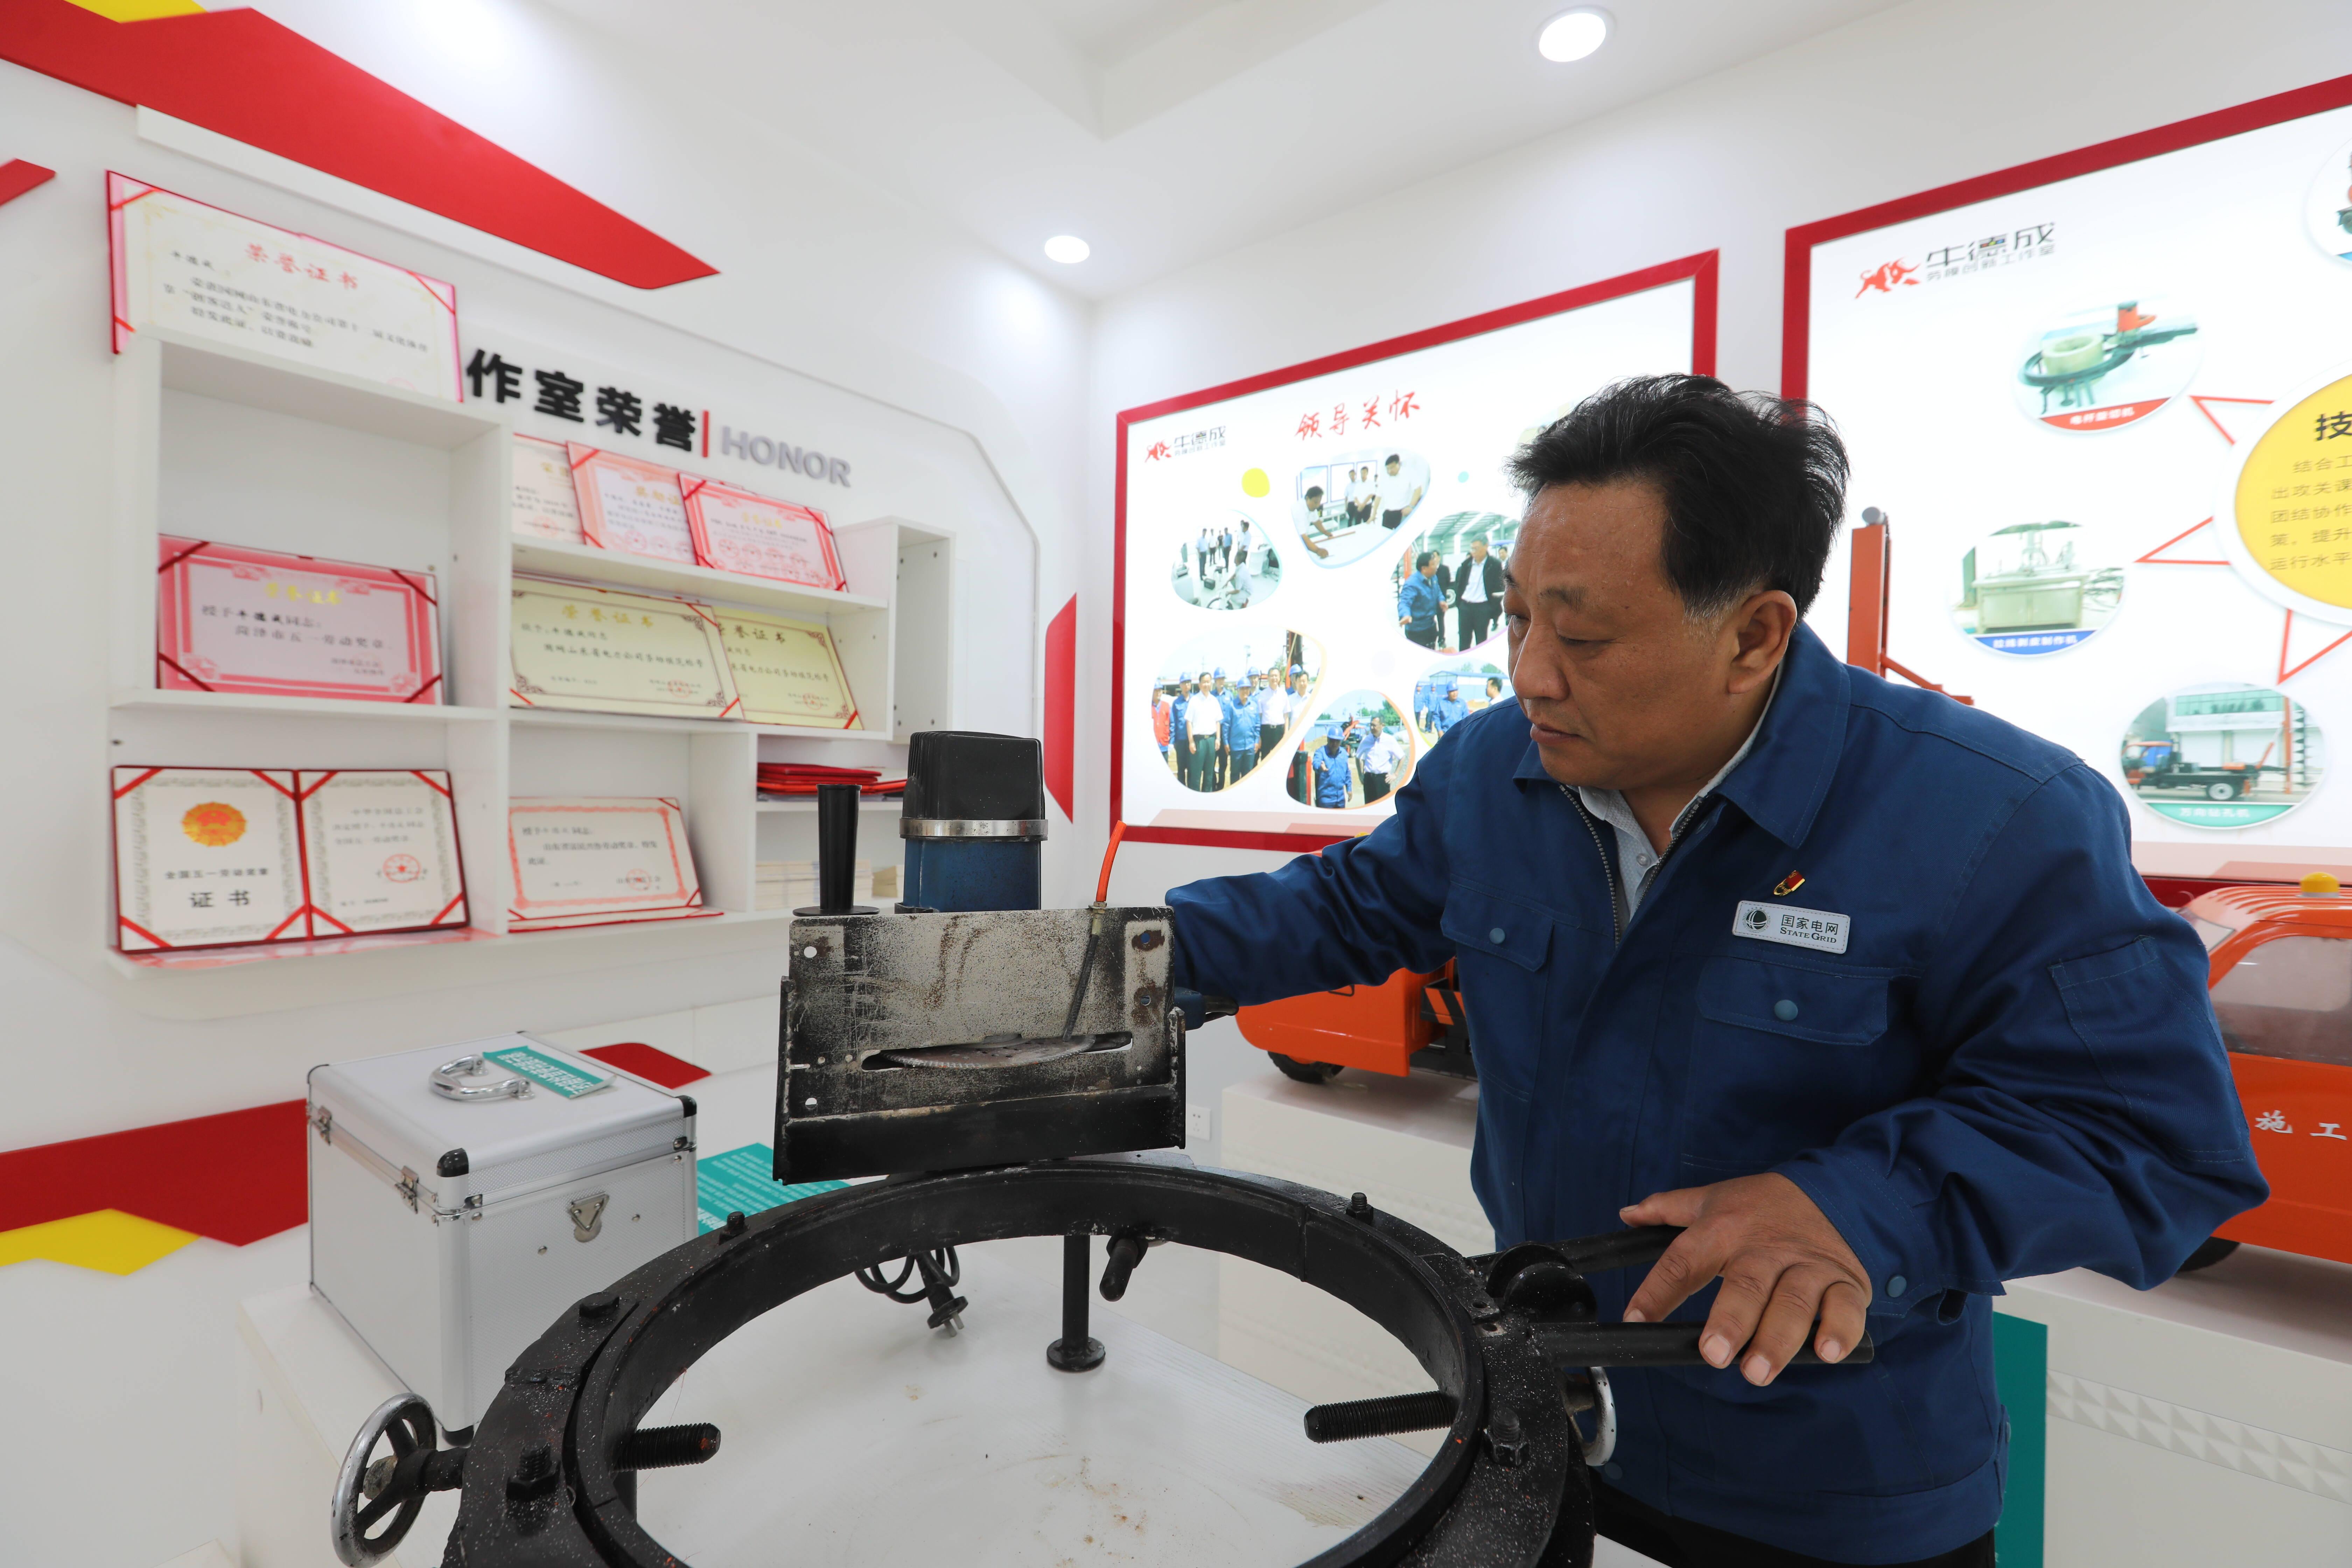 国网山东省成武县供电公司牛德成:深耕基层三十年成就齐鲁大工匠